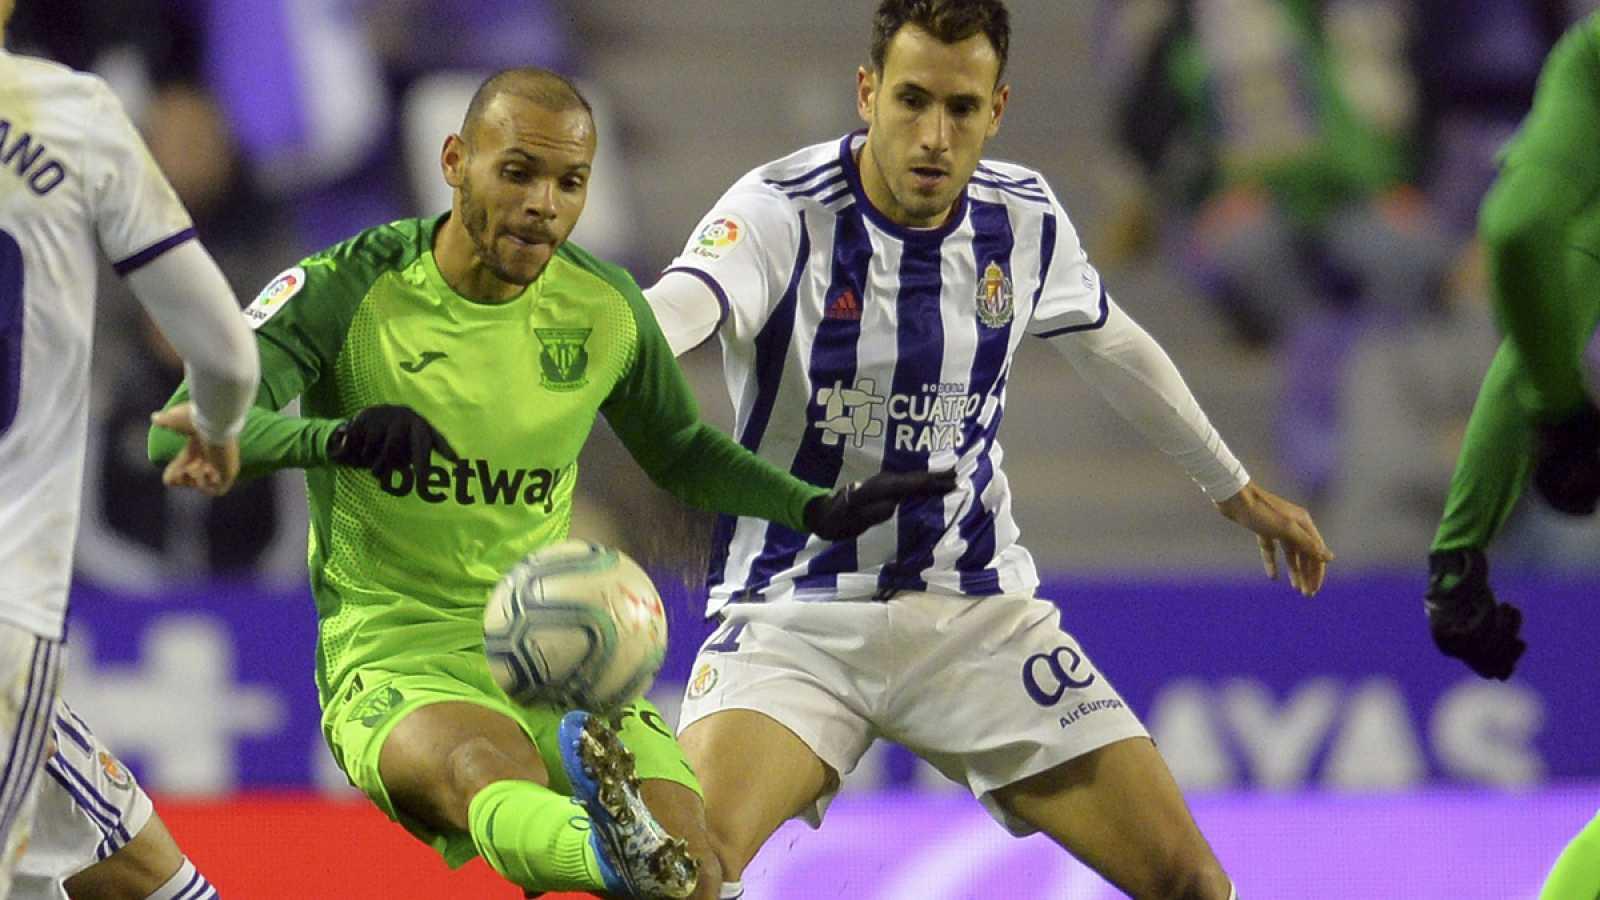 Duelo por el balón en el Valladolid - Leganés